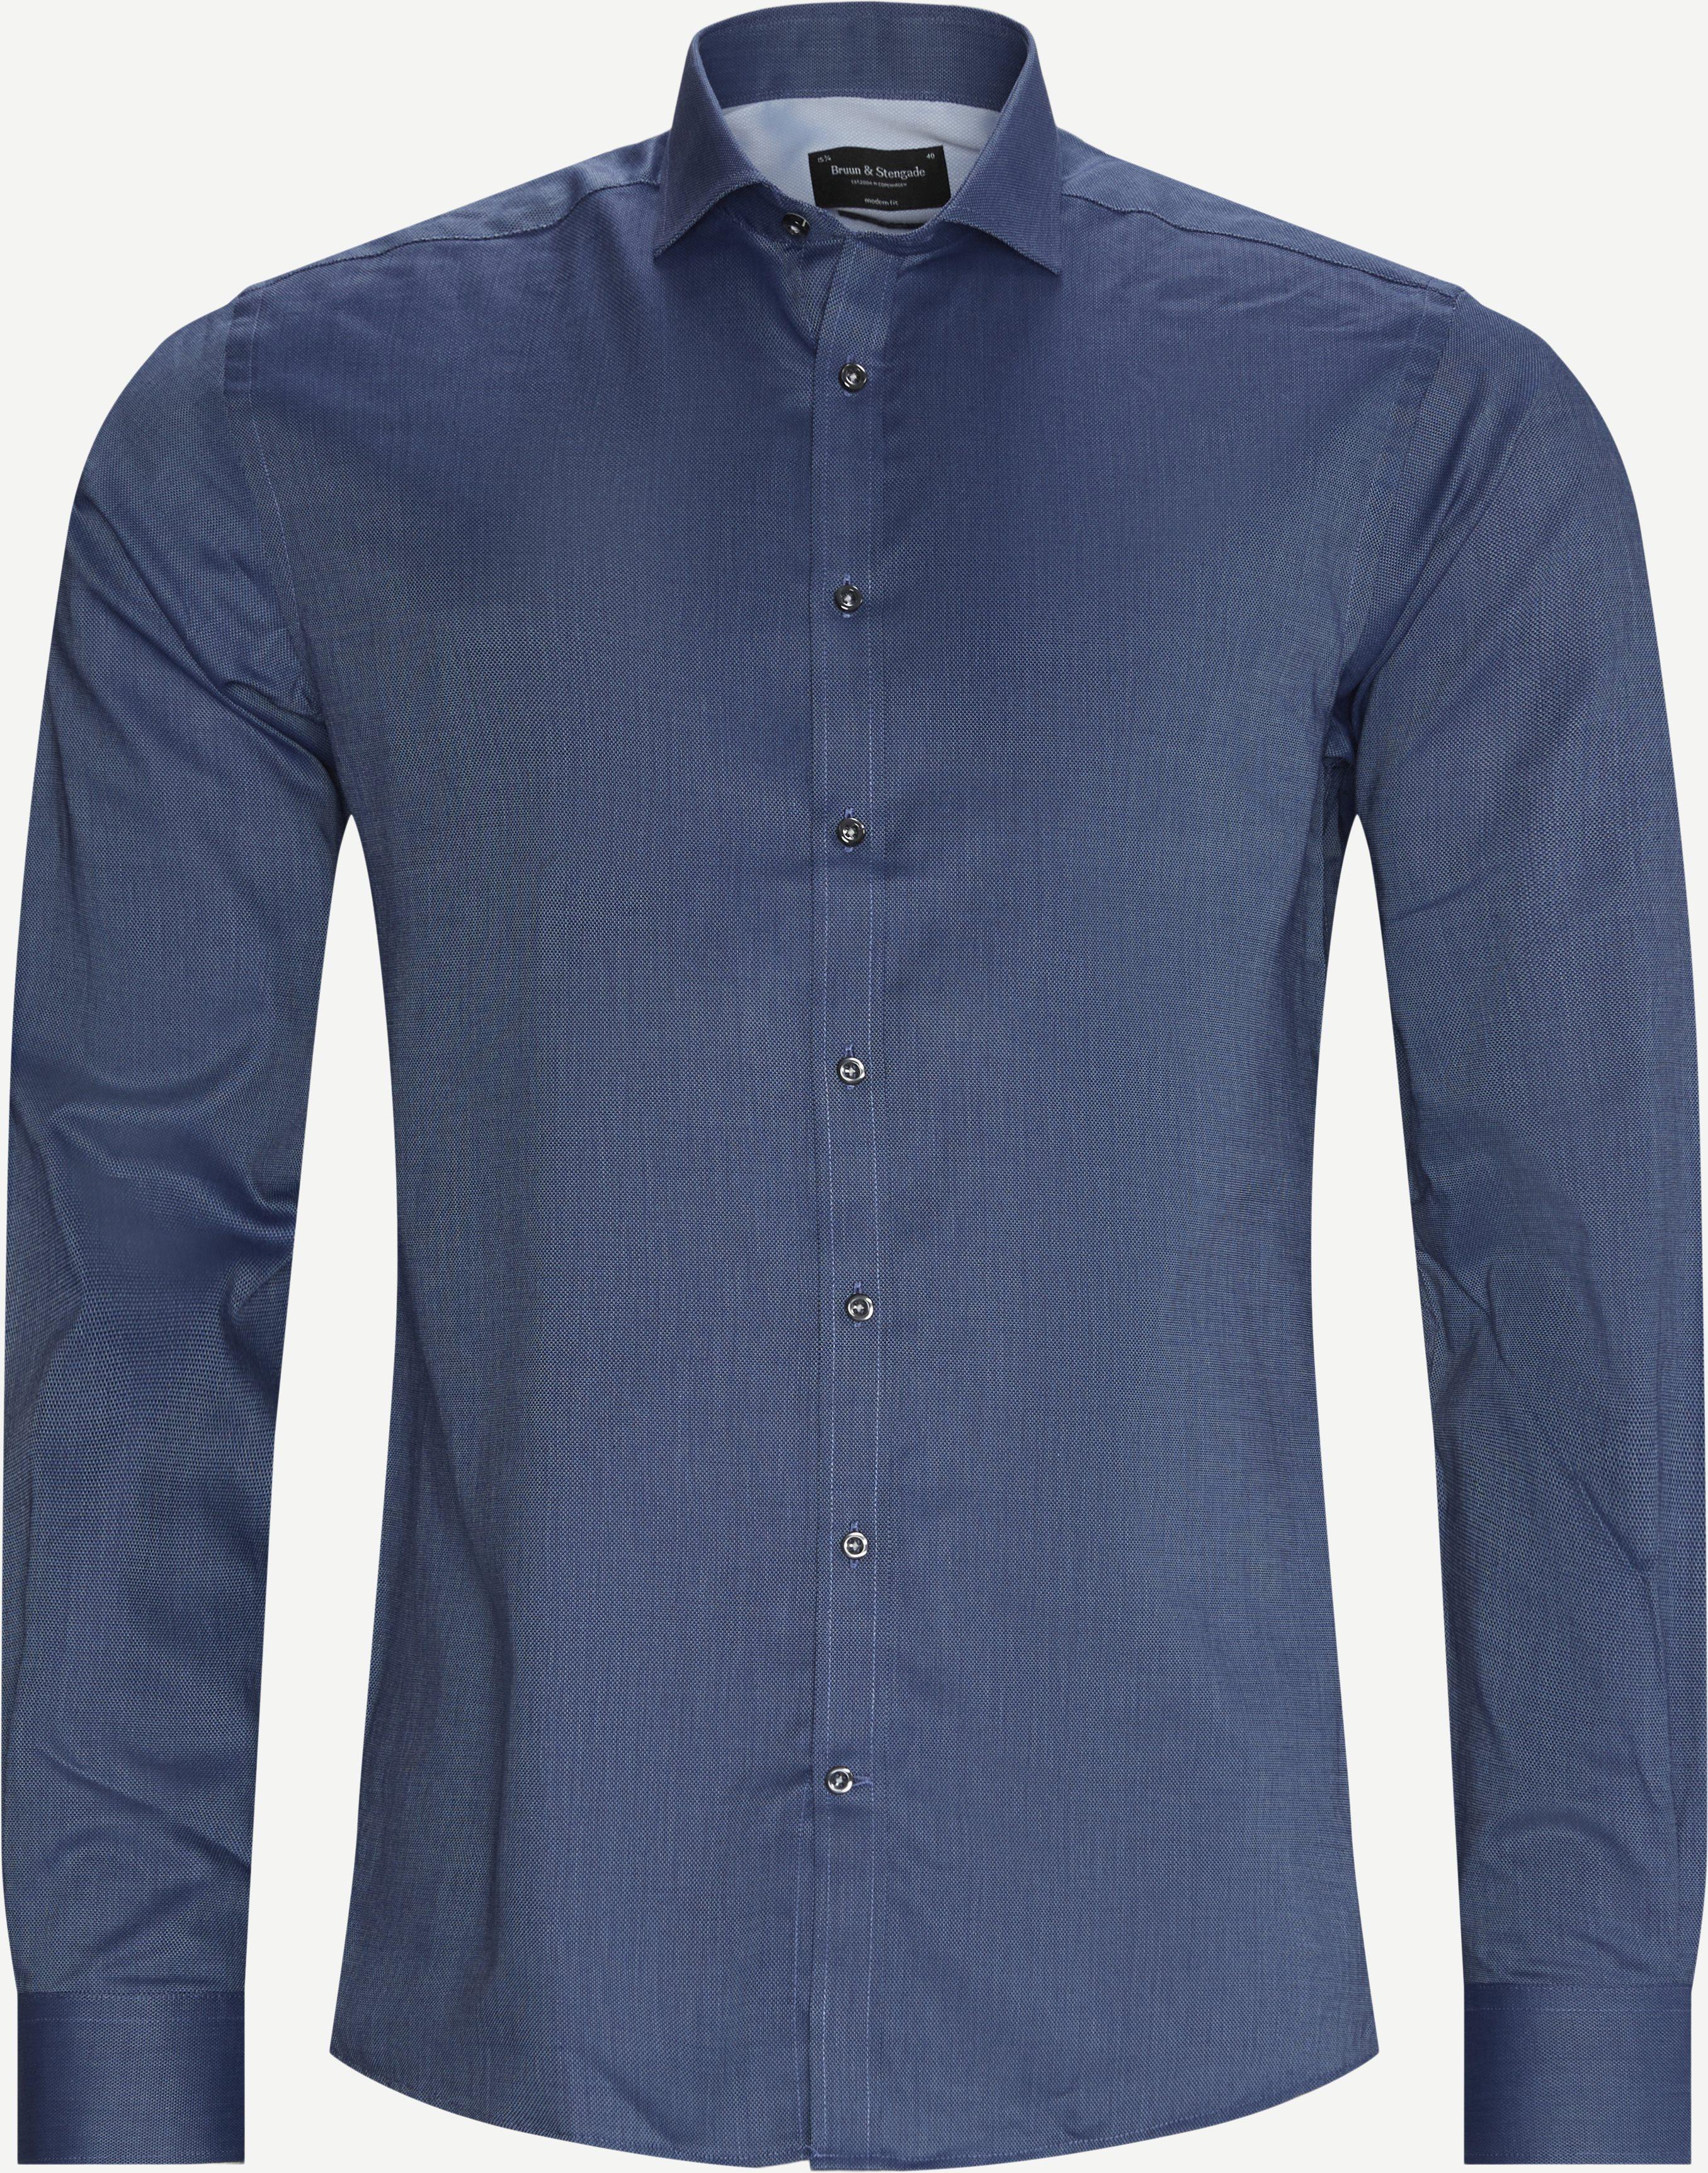 Barkley Skjorte - Skjorter - Regular - Blå